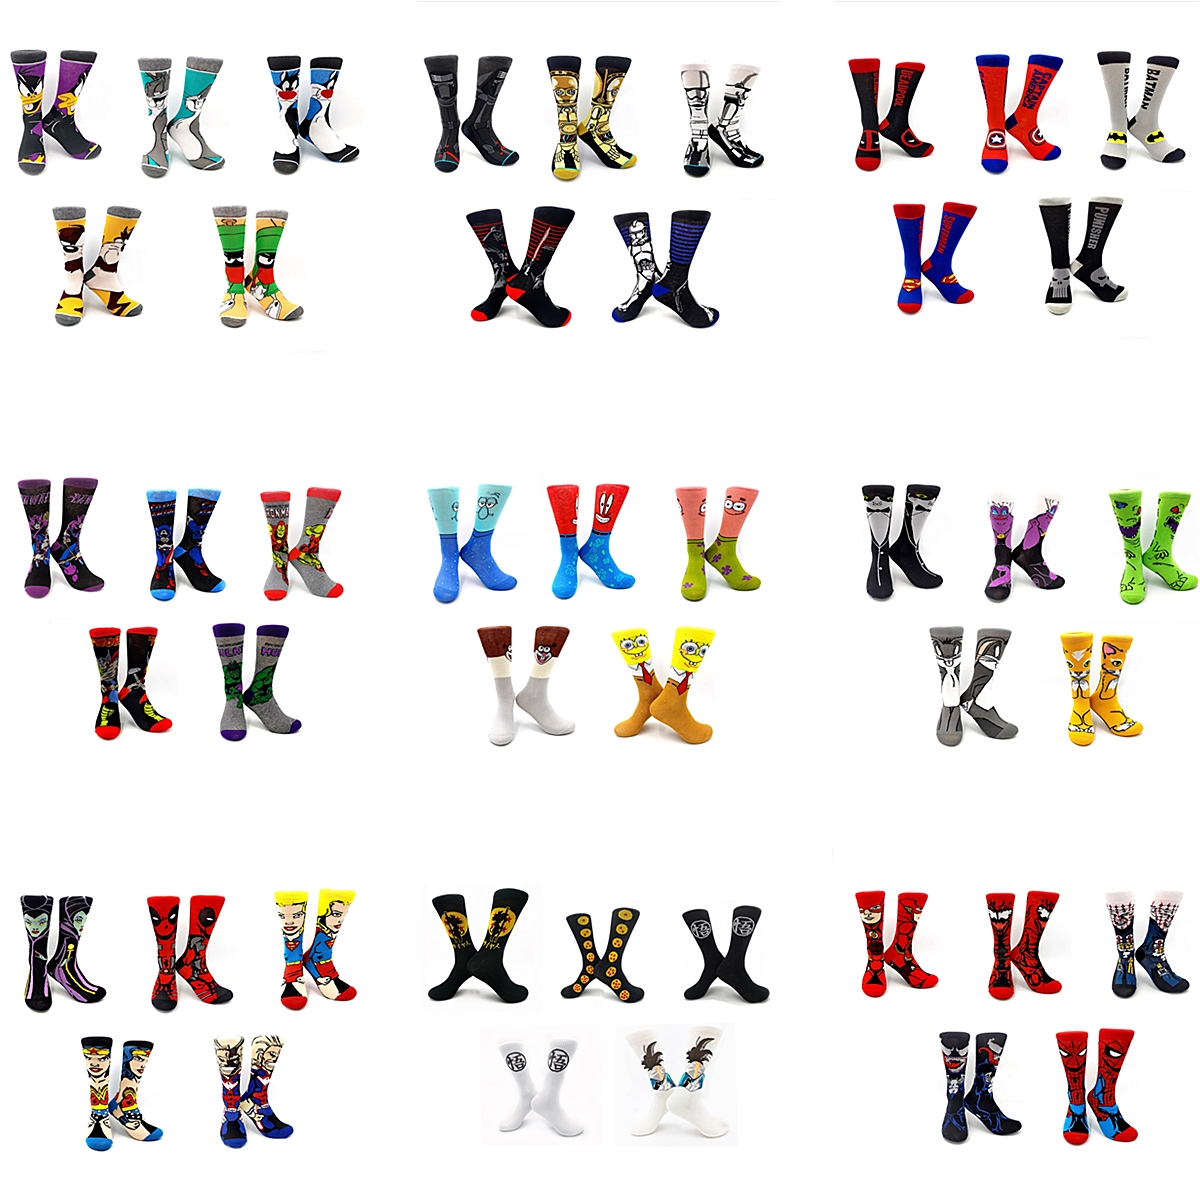 5 Pairs Creative Fashion Men Crew Socks Funny Anime Star Wars Avengers Deadpool Dragon Ball Sponge Baby Men Socks Men Gift Socks